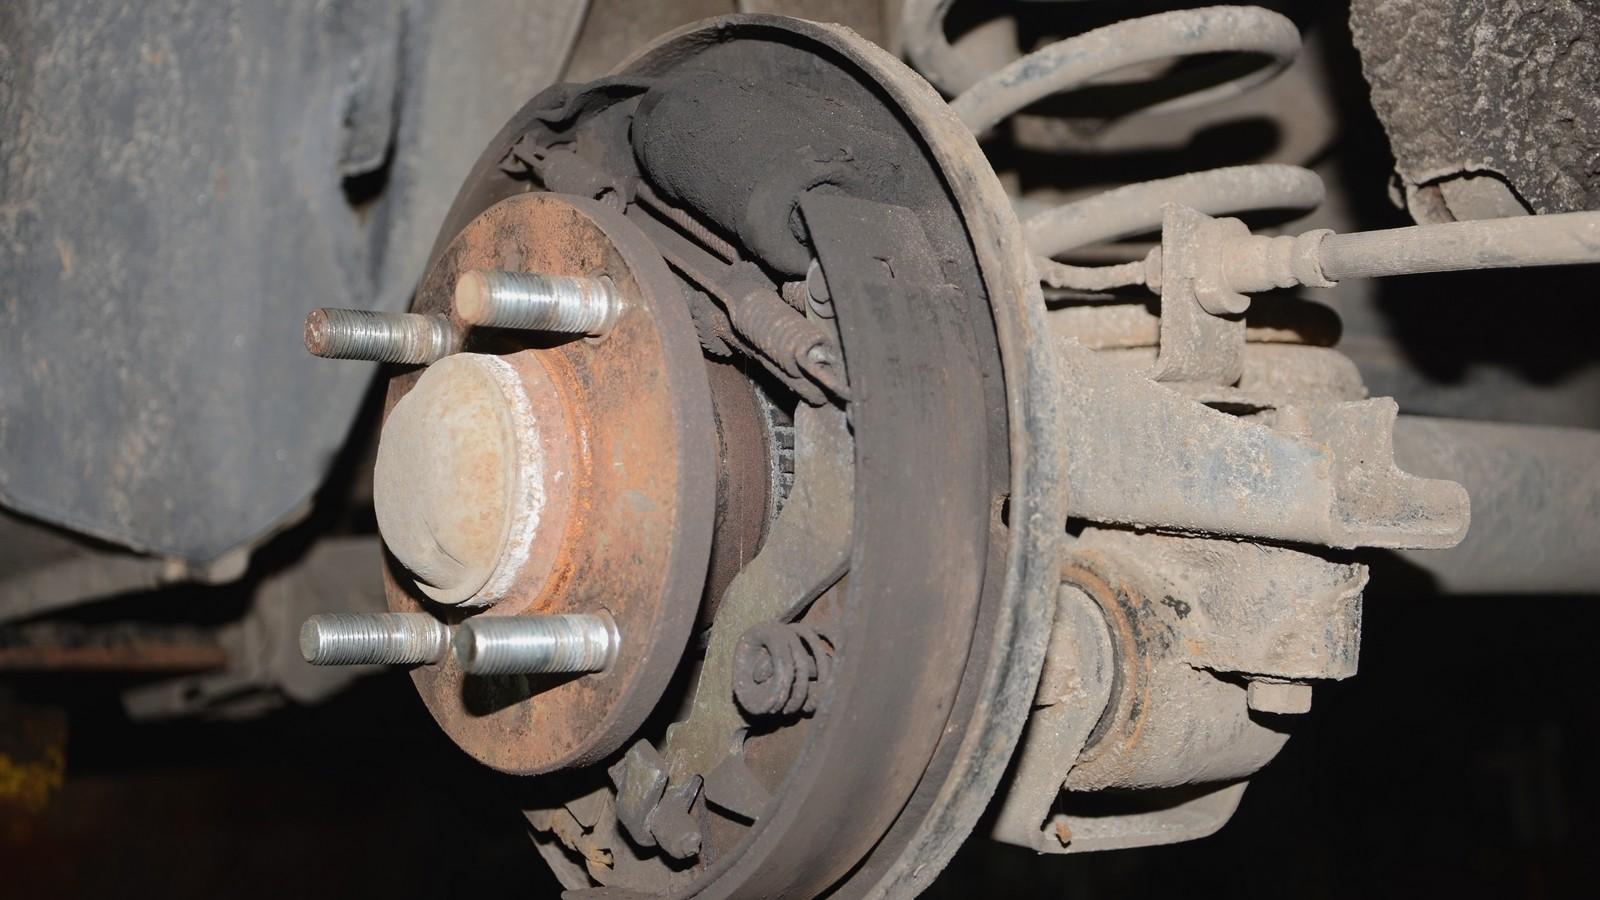 dsc 7554 - Тормозная система барабанного типа